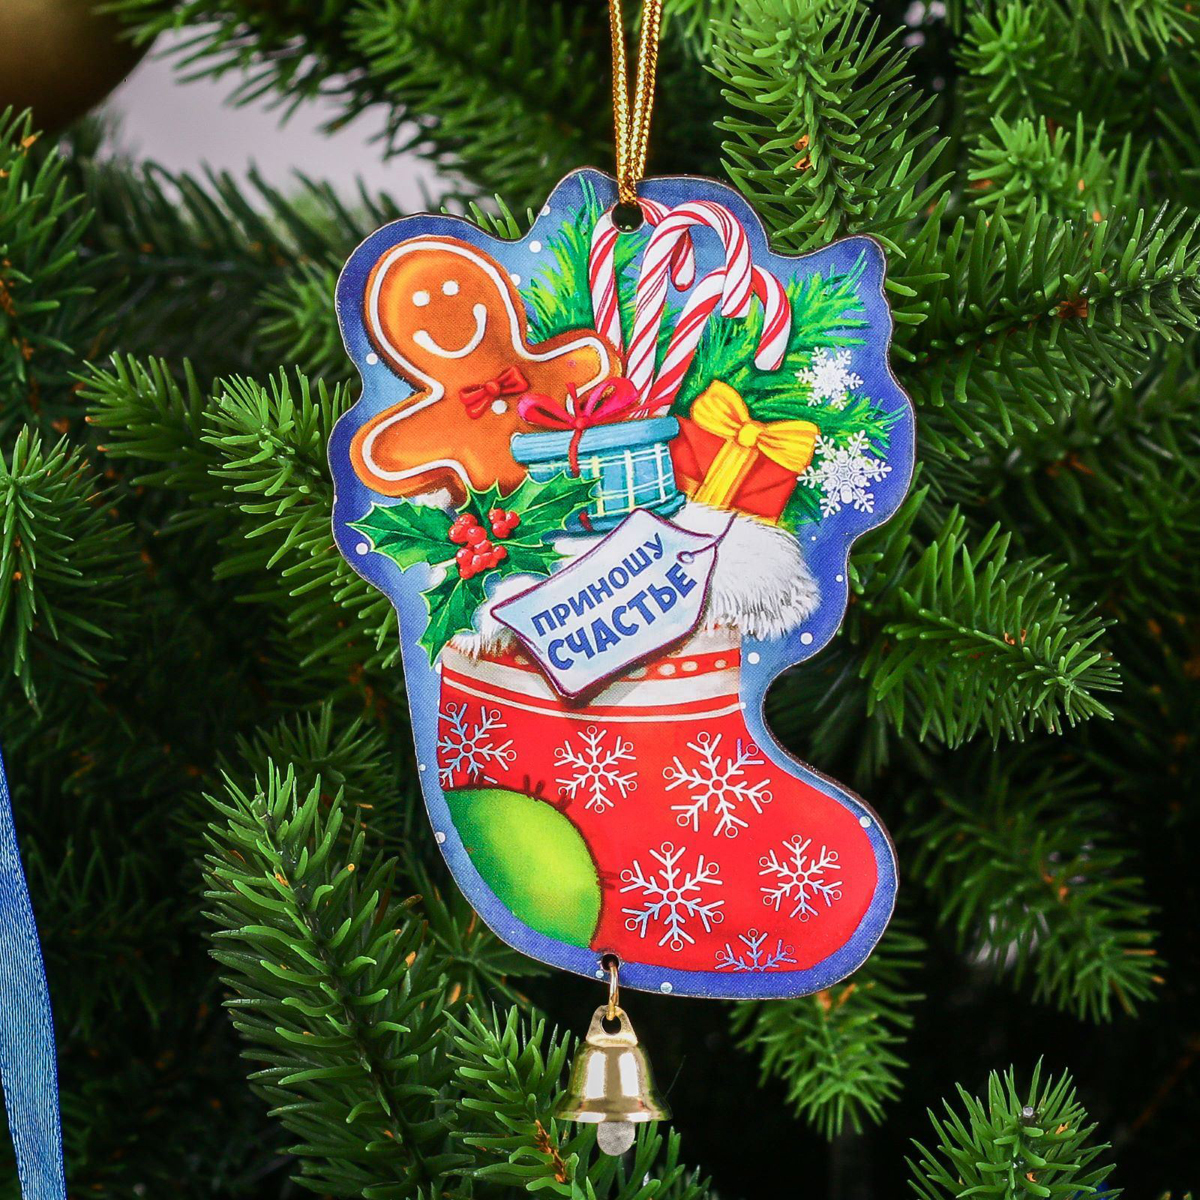 Украшение новогоднее подвесное Приношу счастье, 6,2 х 8,8 см2252485Новогоднее подвесное украшение, выполненное из дерева, отлично подойдет для декорации вашего дома и новогодней ели. С помощью специальной петельки украшение можно повесить в любом понравившемся вам месте. Но, конечно, удачнее всего оно будет смотреться на праздничной елке. Украшение дополнено металлическим колокольчиком.Елочная игрушка - символ Нового года. Она несет в себе волшебство и красоту праздника. Такое украшение создаст в вашем доме атмосферу праздника, веселья и радости.